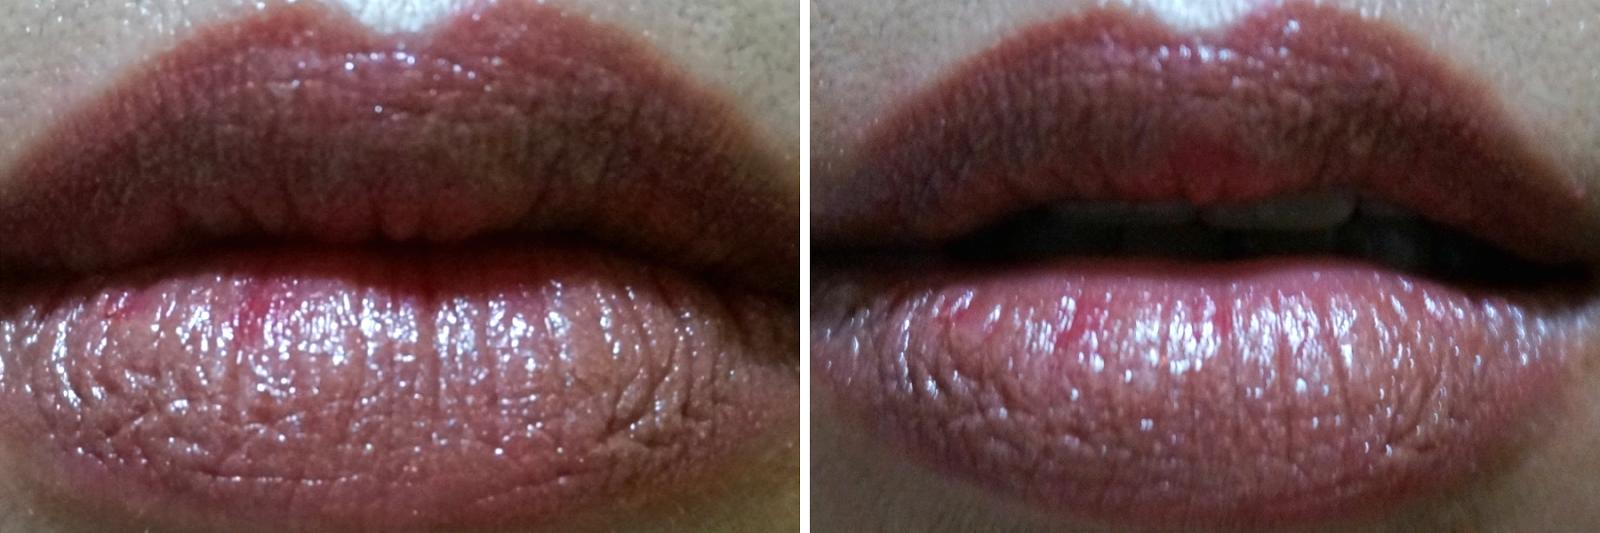 Rimmel Lipstick in Precious Brown